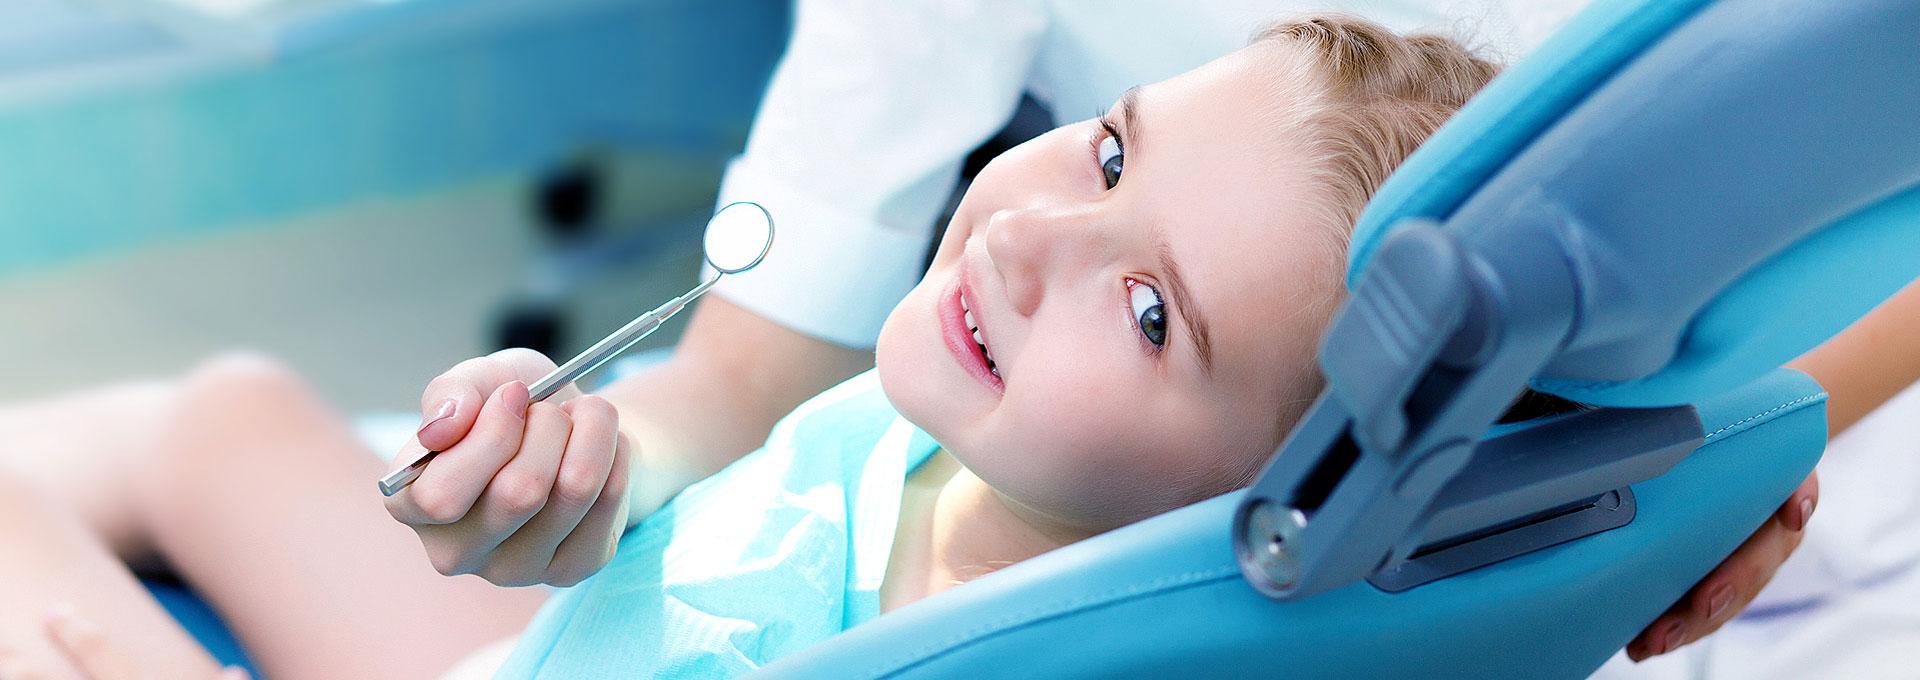 Chandigarh Orthodontics